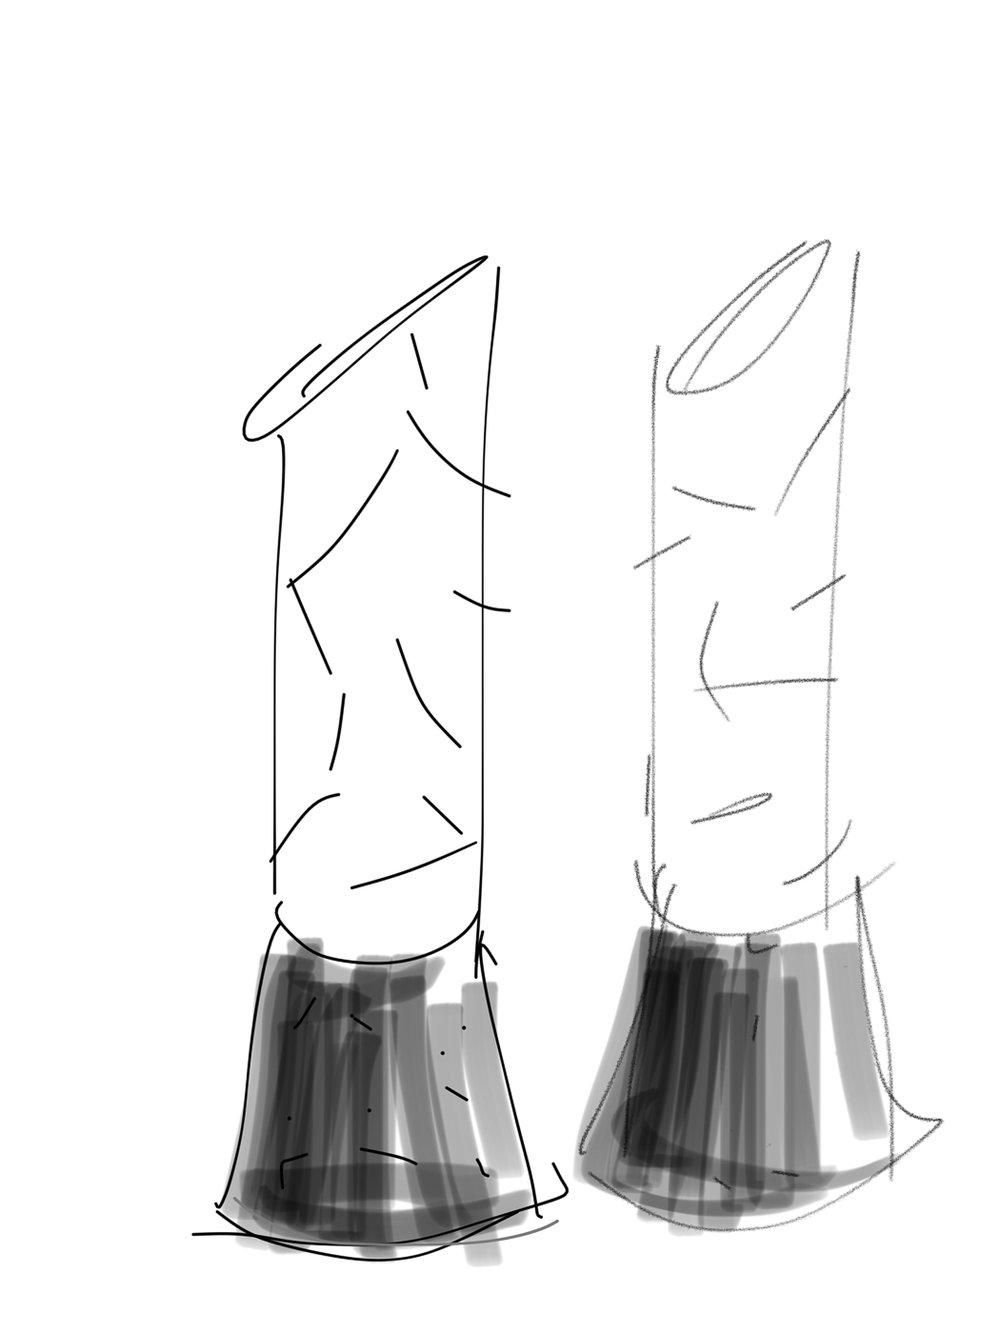 Sketch-499.jpg